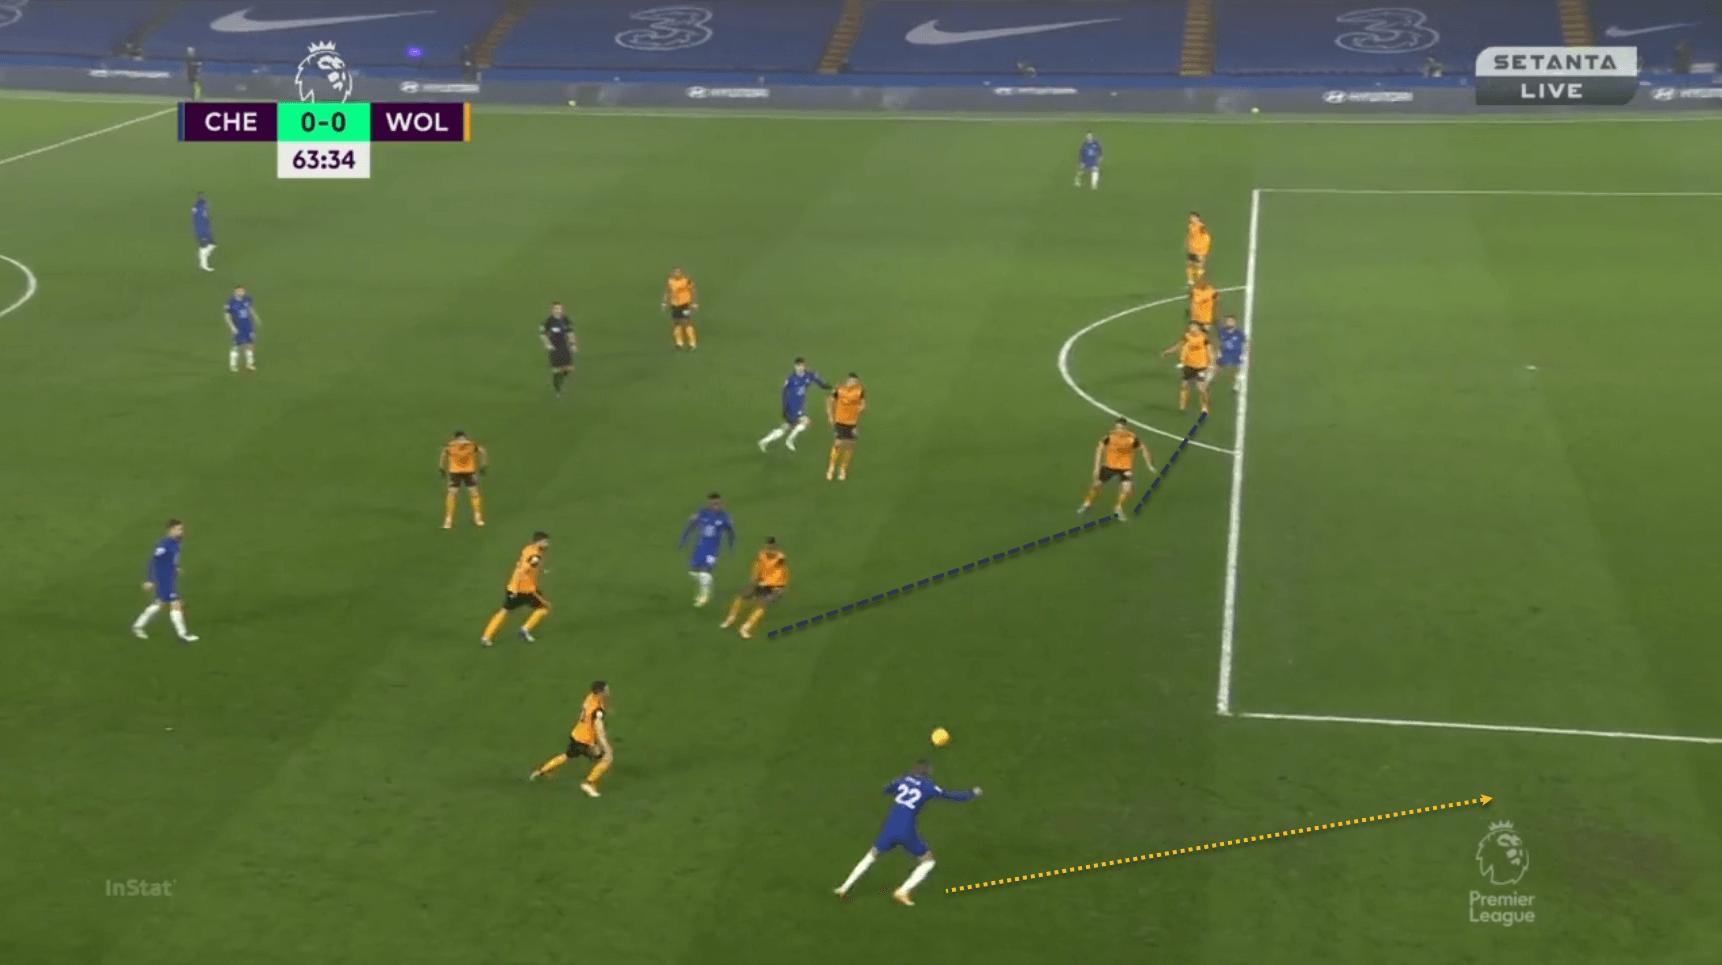 Thomas Tuchel Chelsea Premier League Wolves tactical analysis tactics